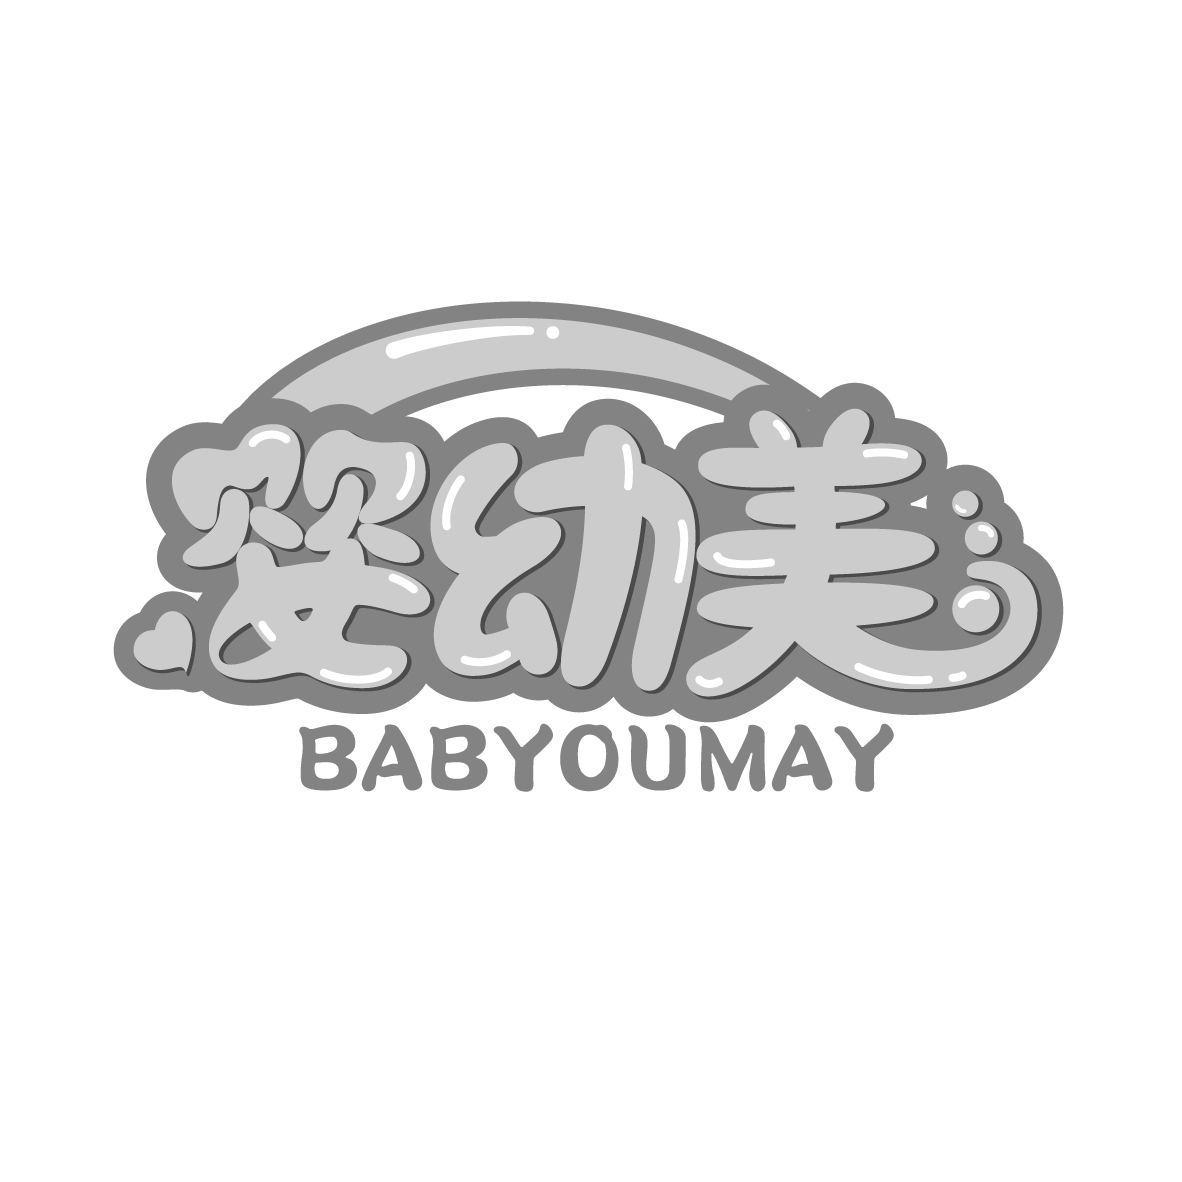 婴幼美 BABYOUMAY